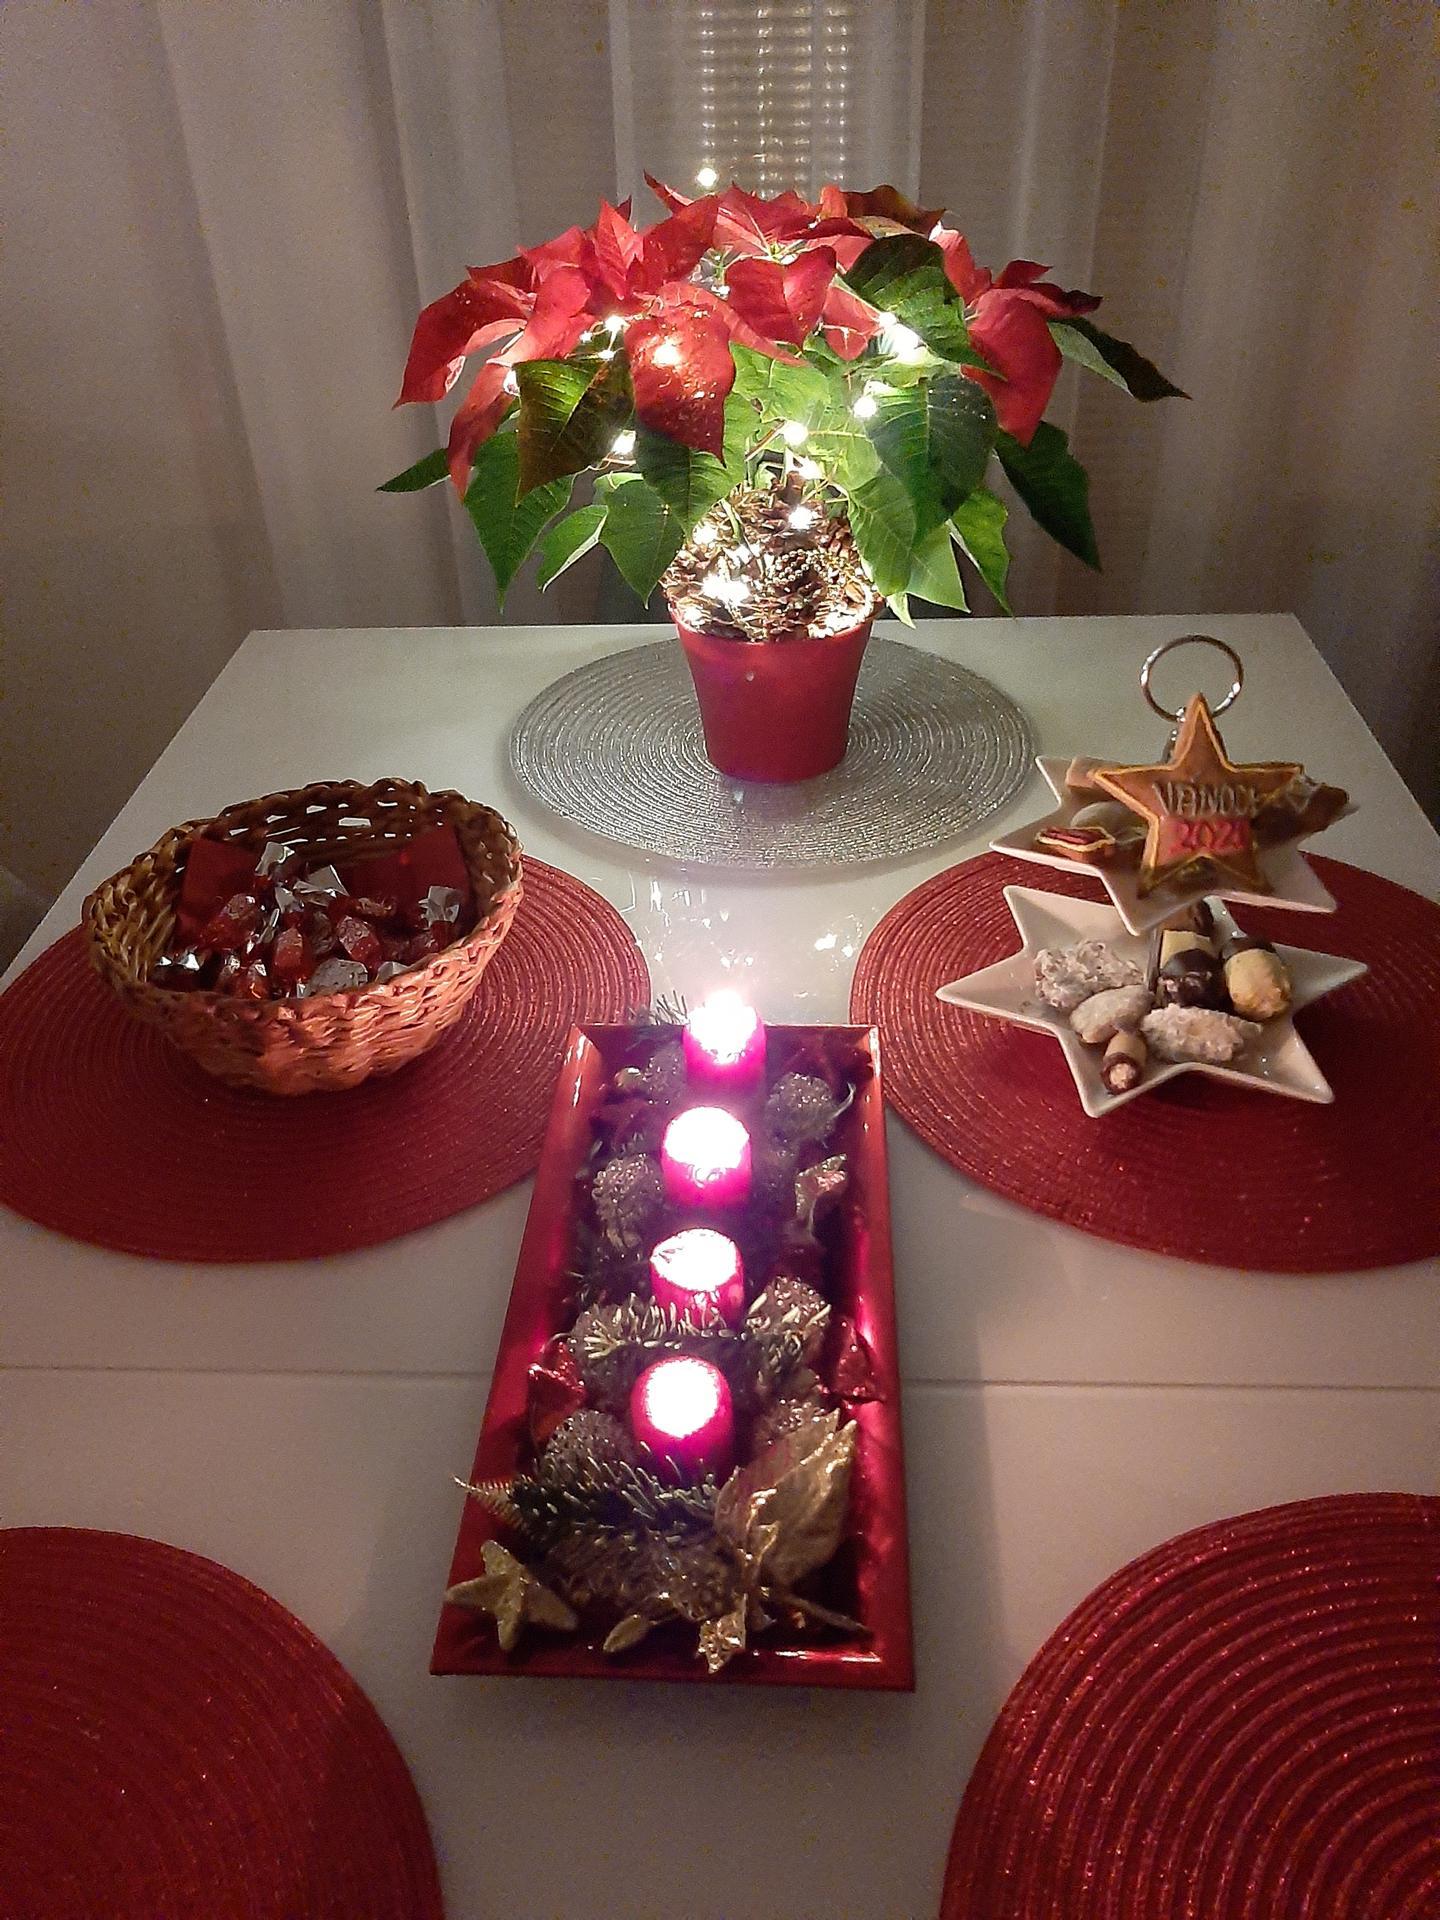 Vánoční čas je už i u nás-stromeček je na svym místě,tak už může přijít ježíšek🎄🎁😉 - Obrázek č. 3